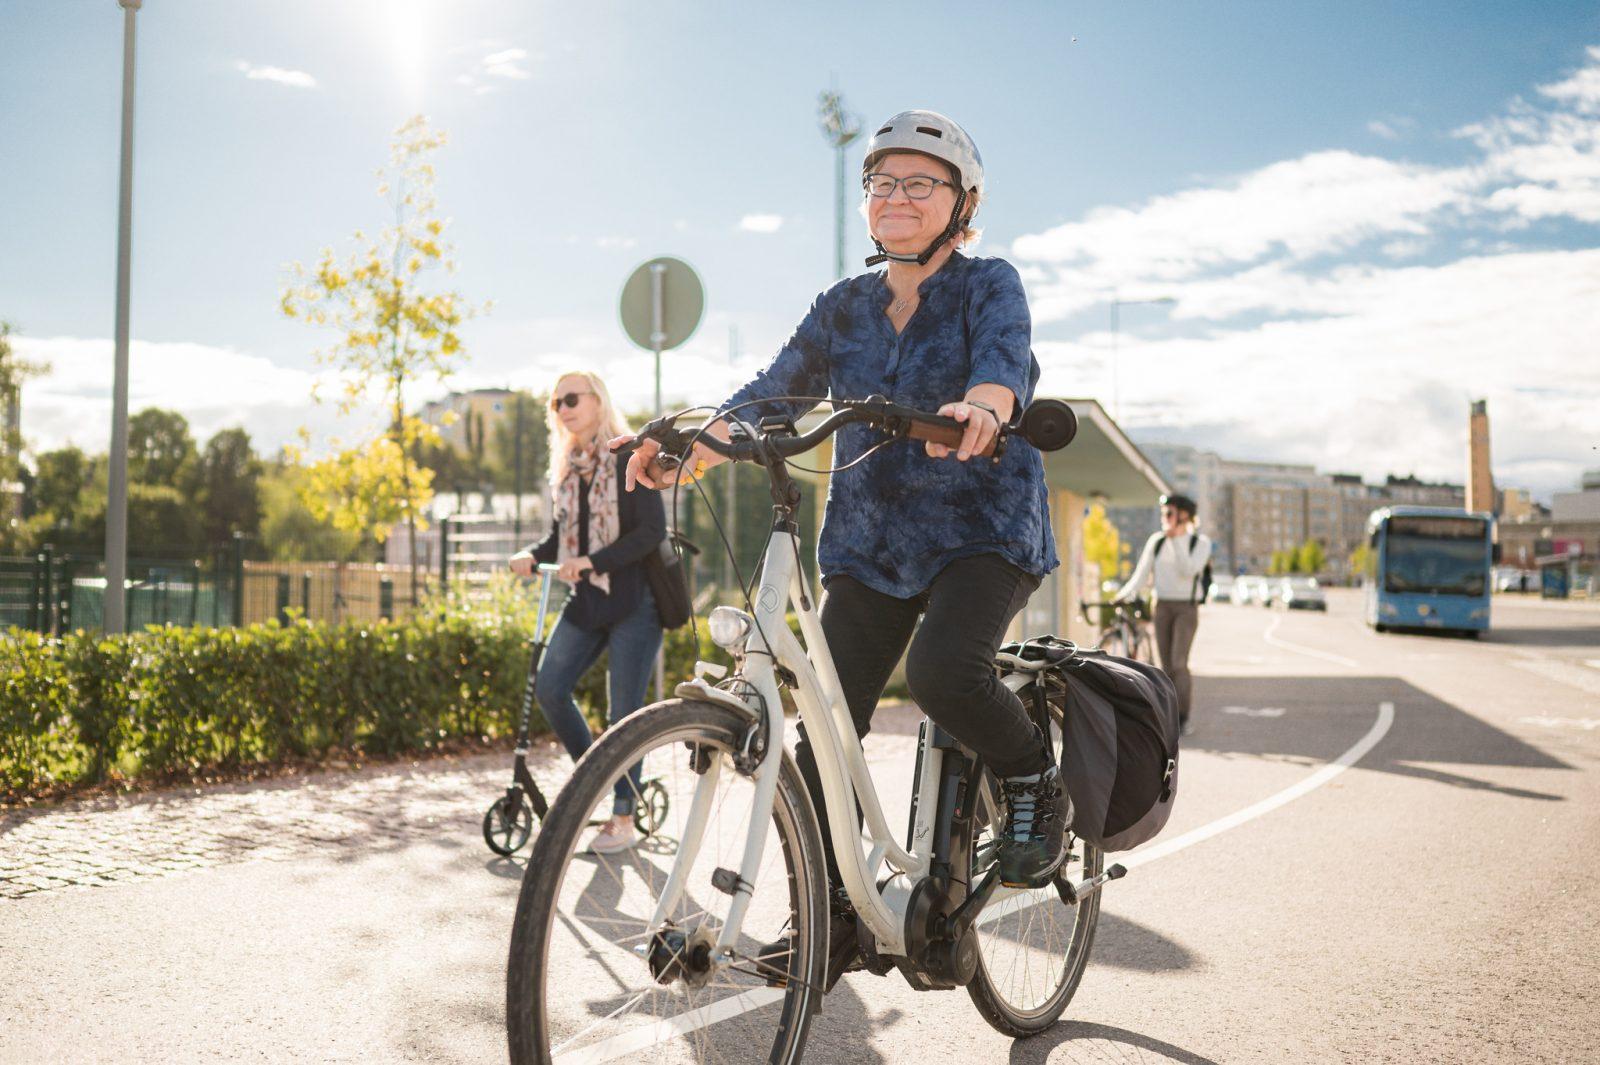 Tutkimuksen mukaan hyvä infrastruktuuri mahdollistaa pitkätkin pyöräilyt.